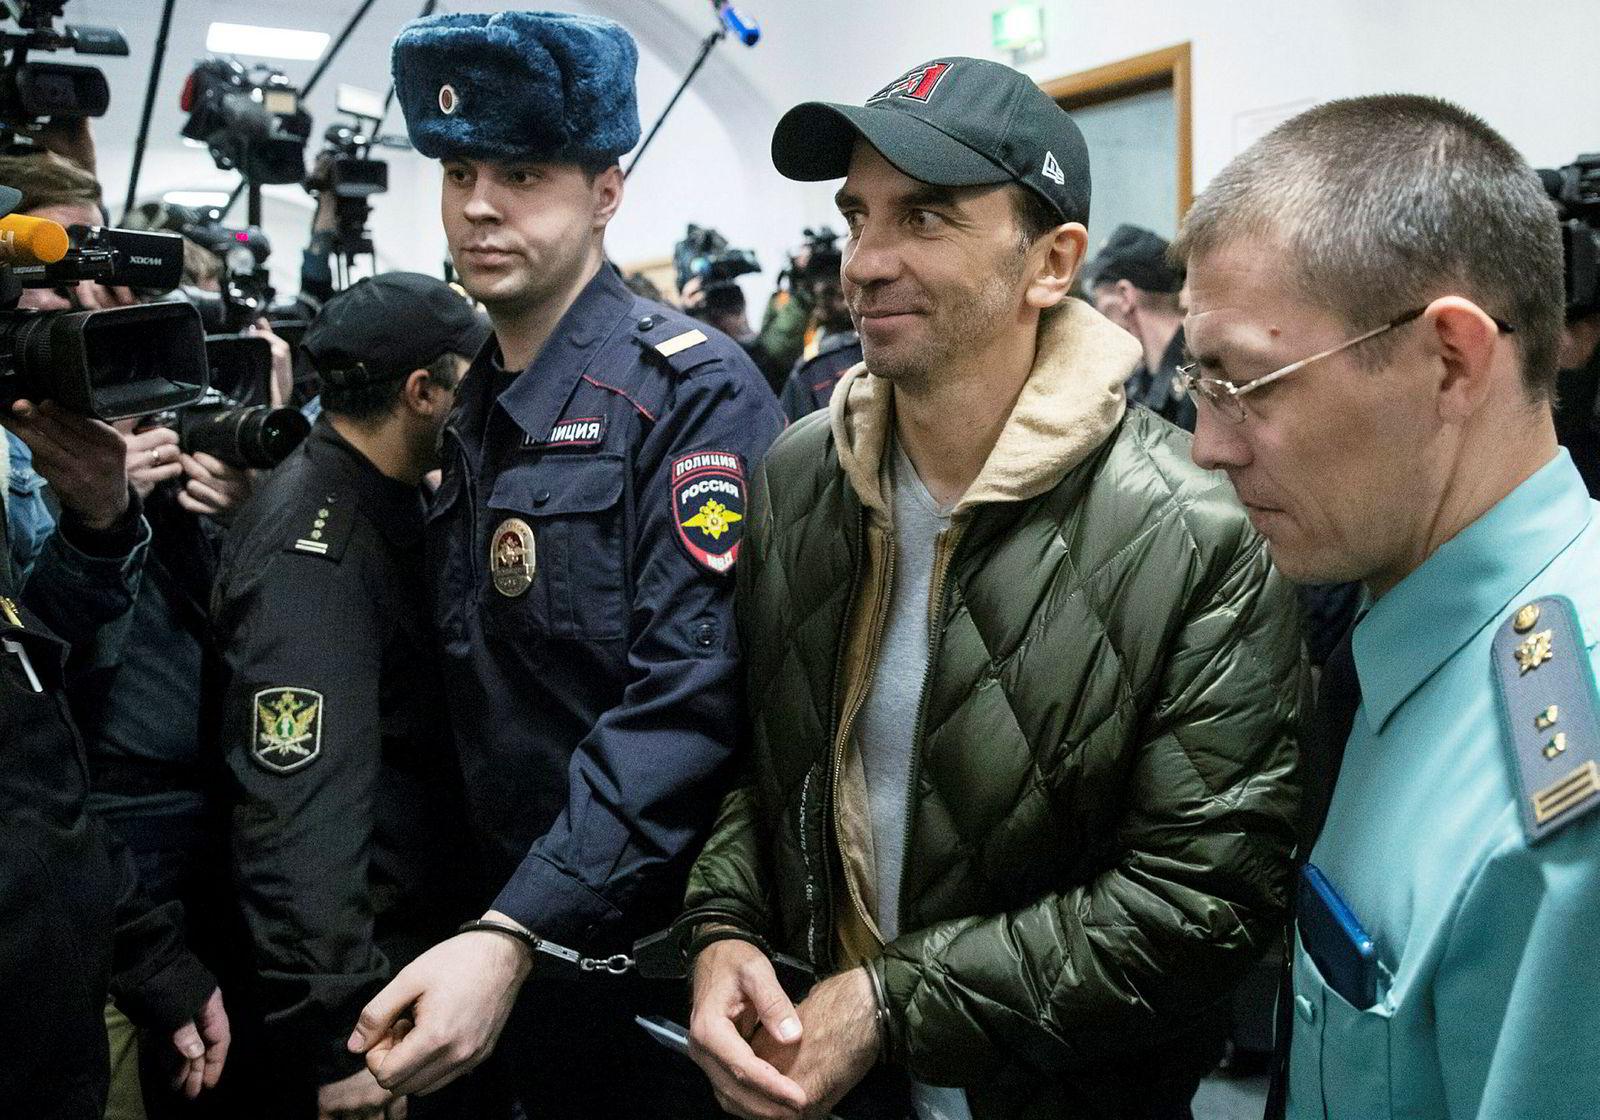 Mikhail Abyzov (i midten), tidligere minister med ansvar for åpenhet og transparens i Russland, har ifølge Uppdrag Granskning sluset seks milliarder svenske kroner gjennom Swedbank til skatteparadis. Han er i dag varetektsfengslet og anklaget for korrupsjon.